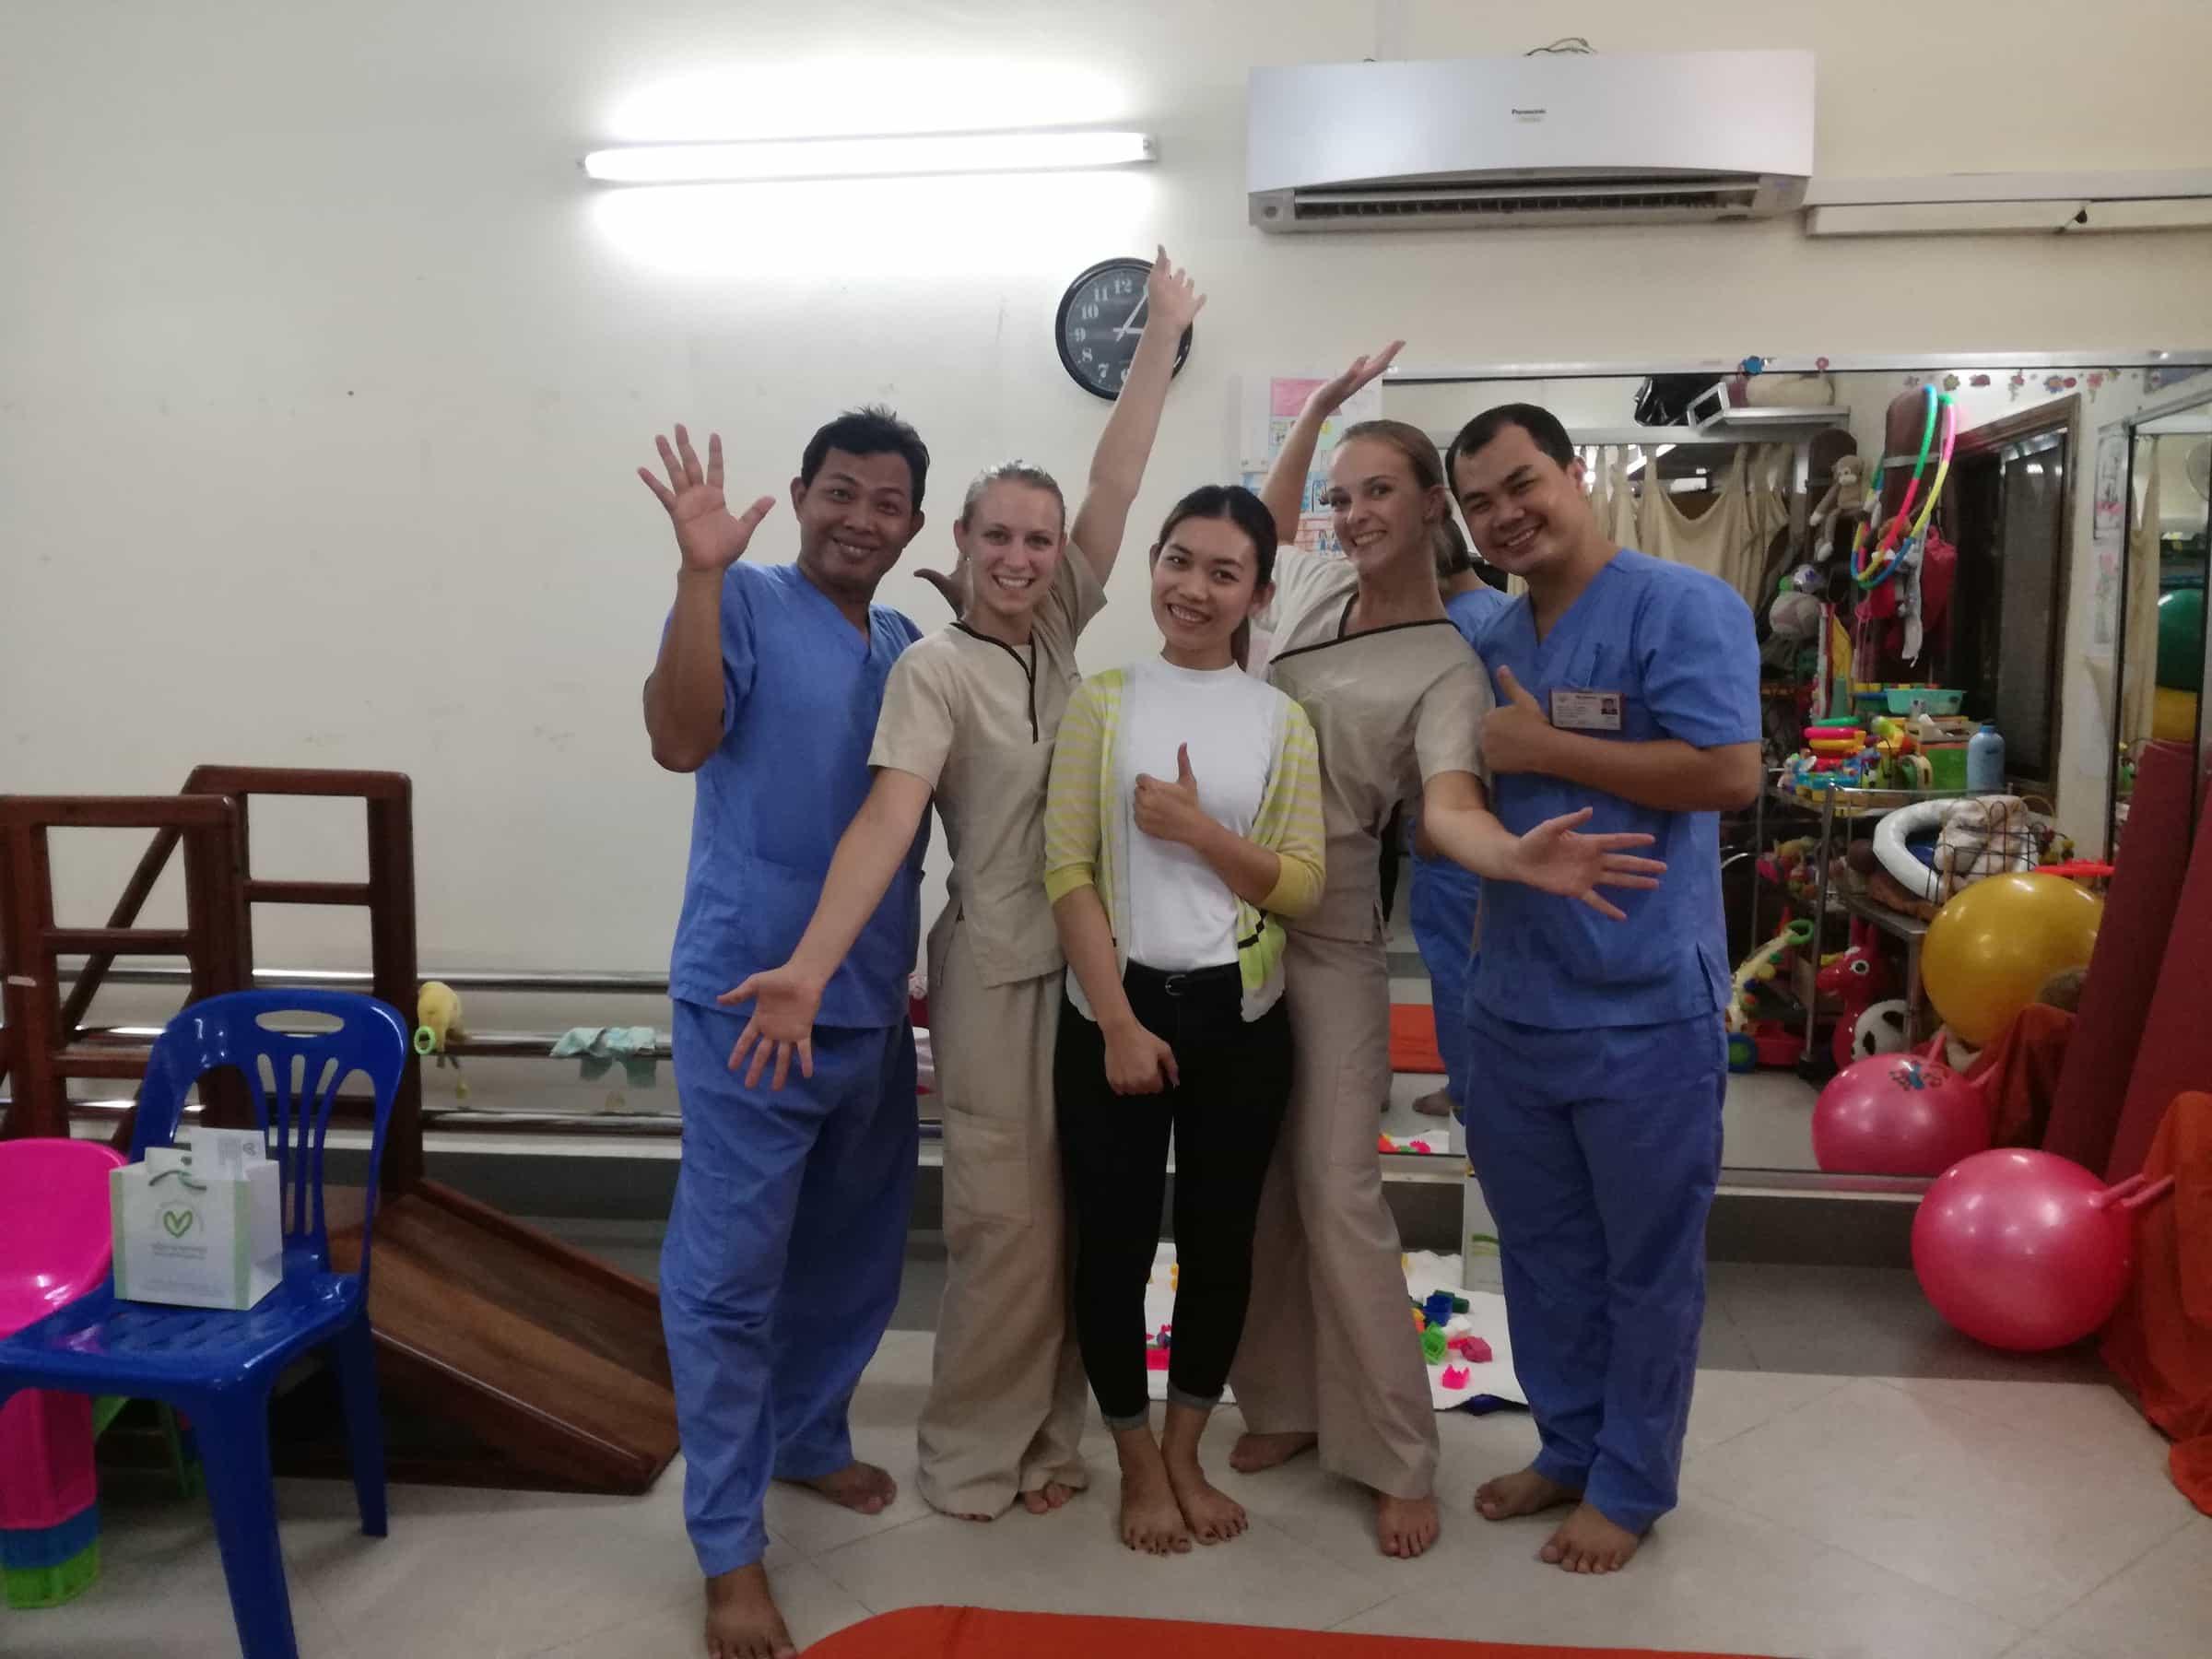 Sabrina Mildner und Lea Wyss in Kambodscha.